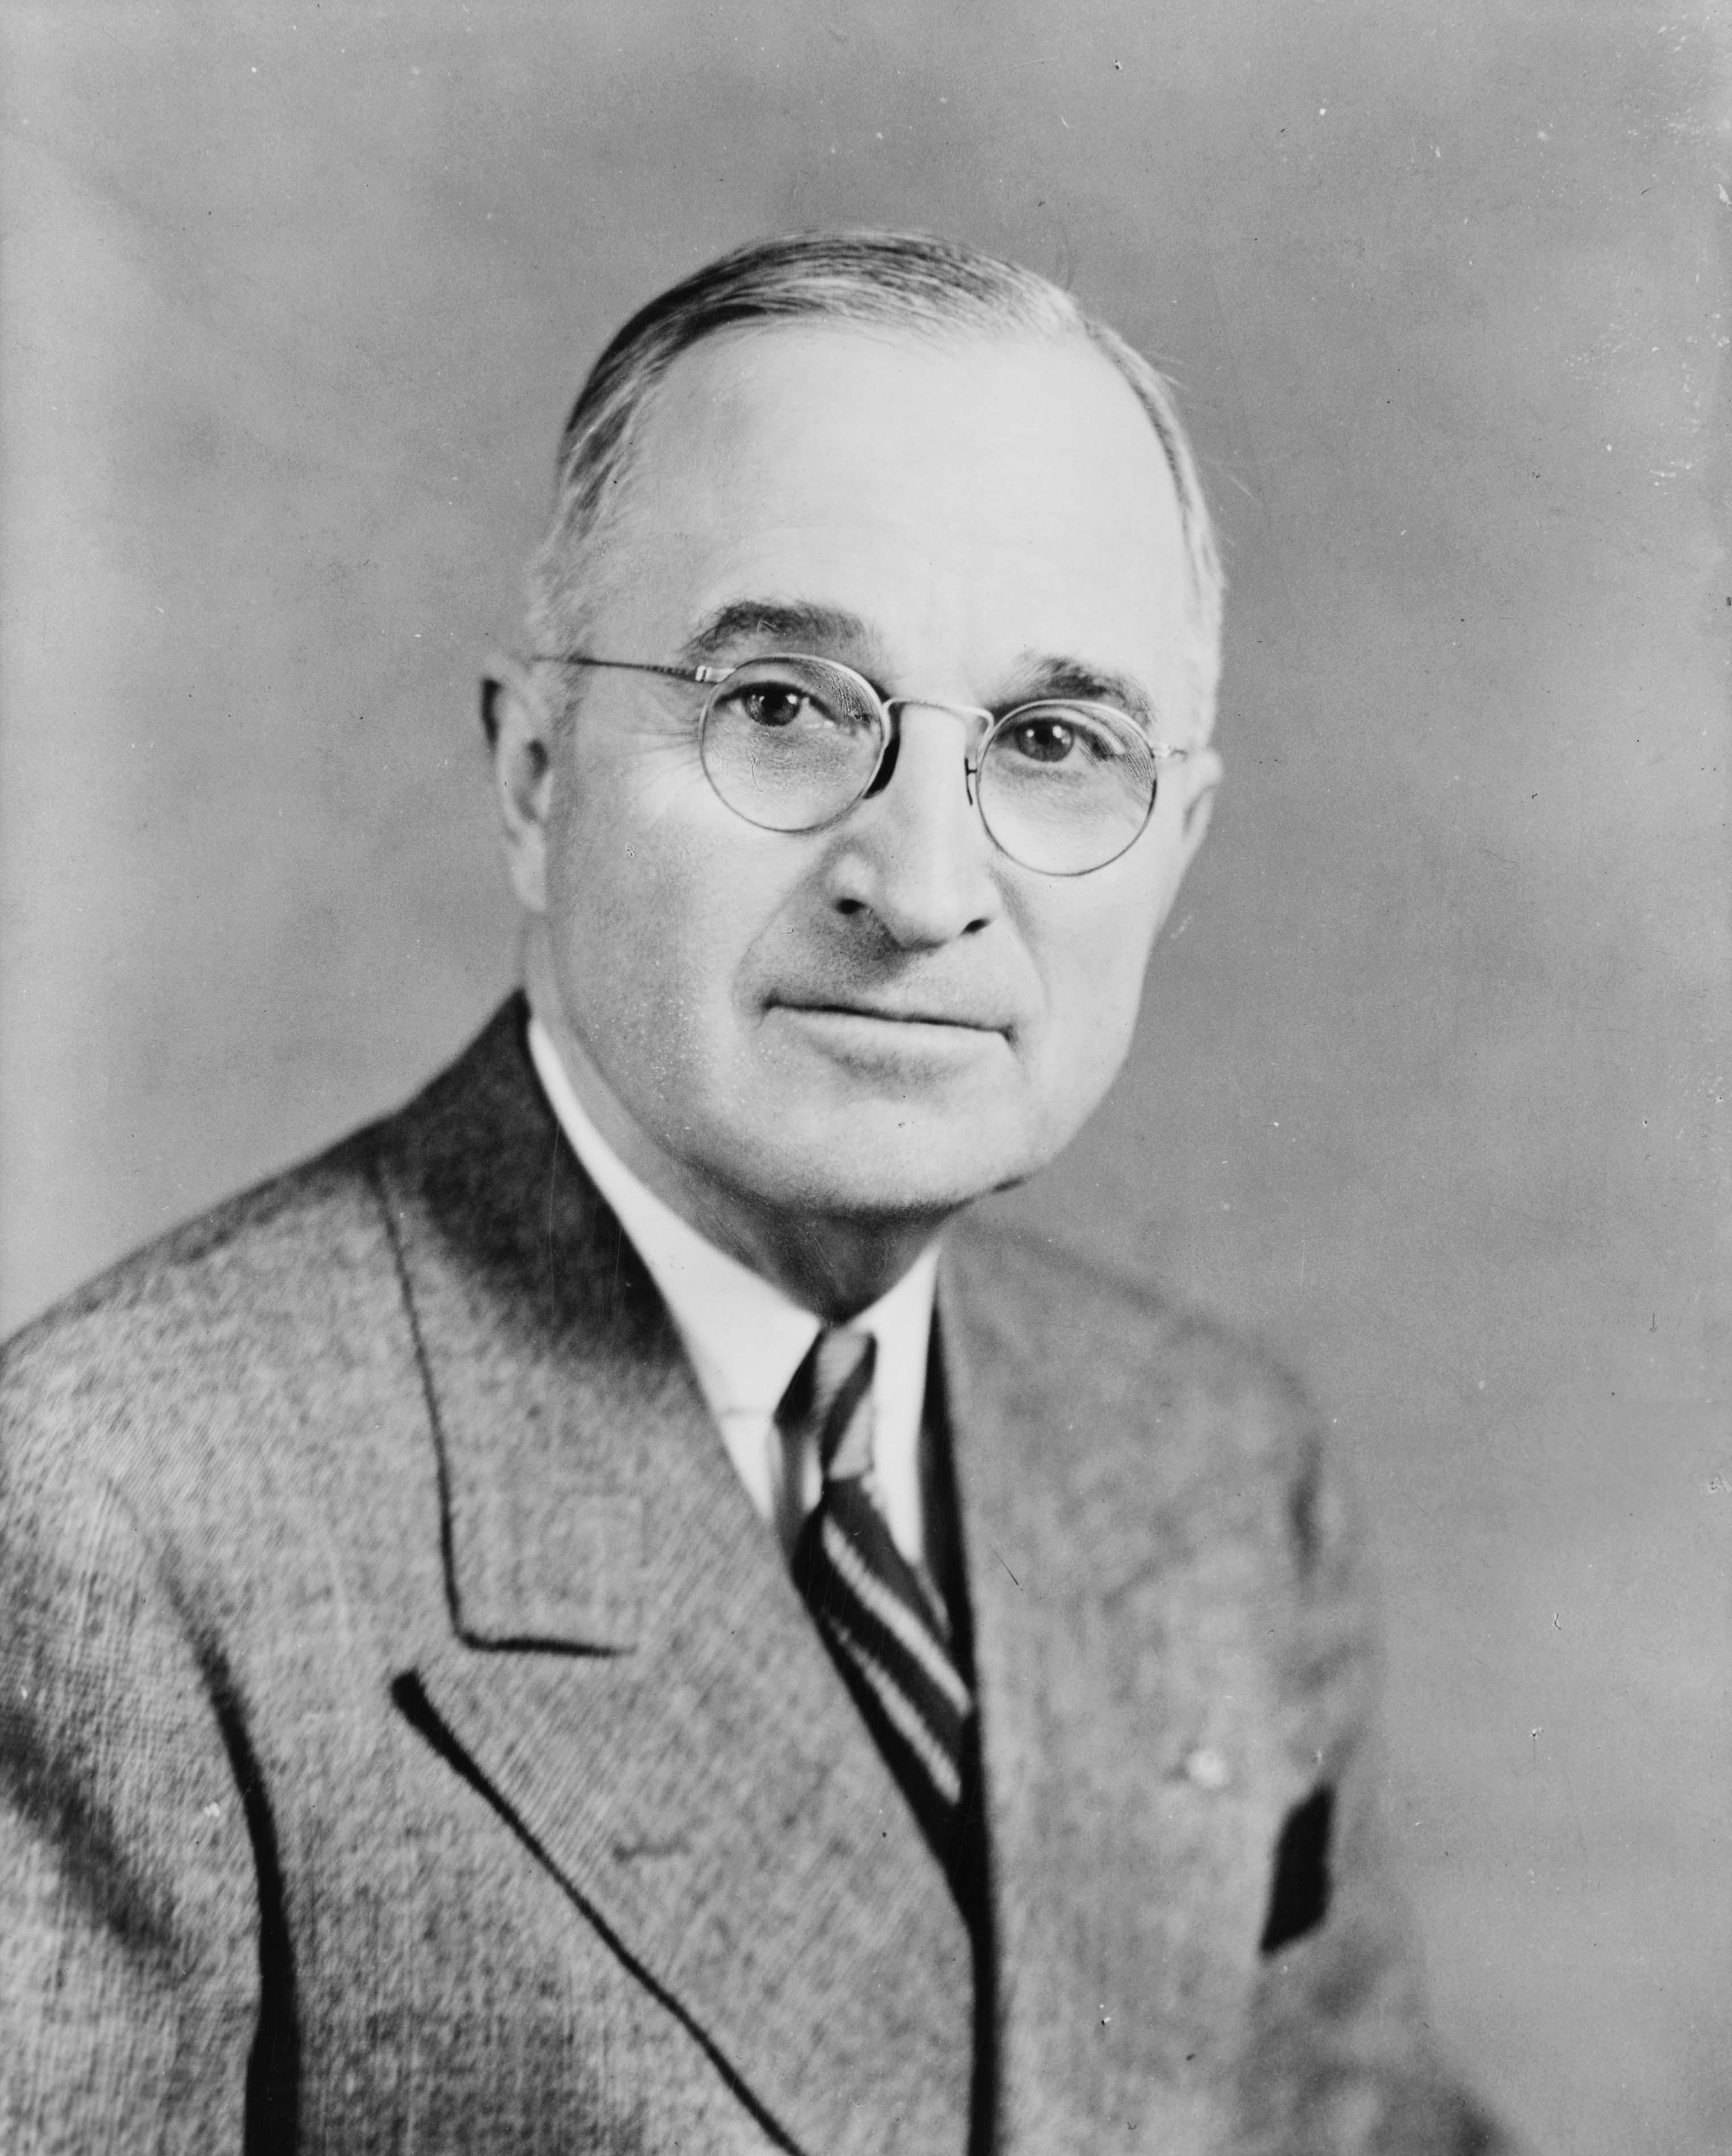 美國時任總統杜魯門(Harry Truman)。(WikiCommons)